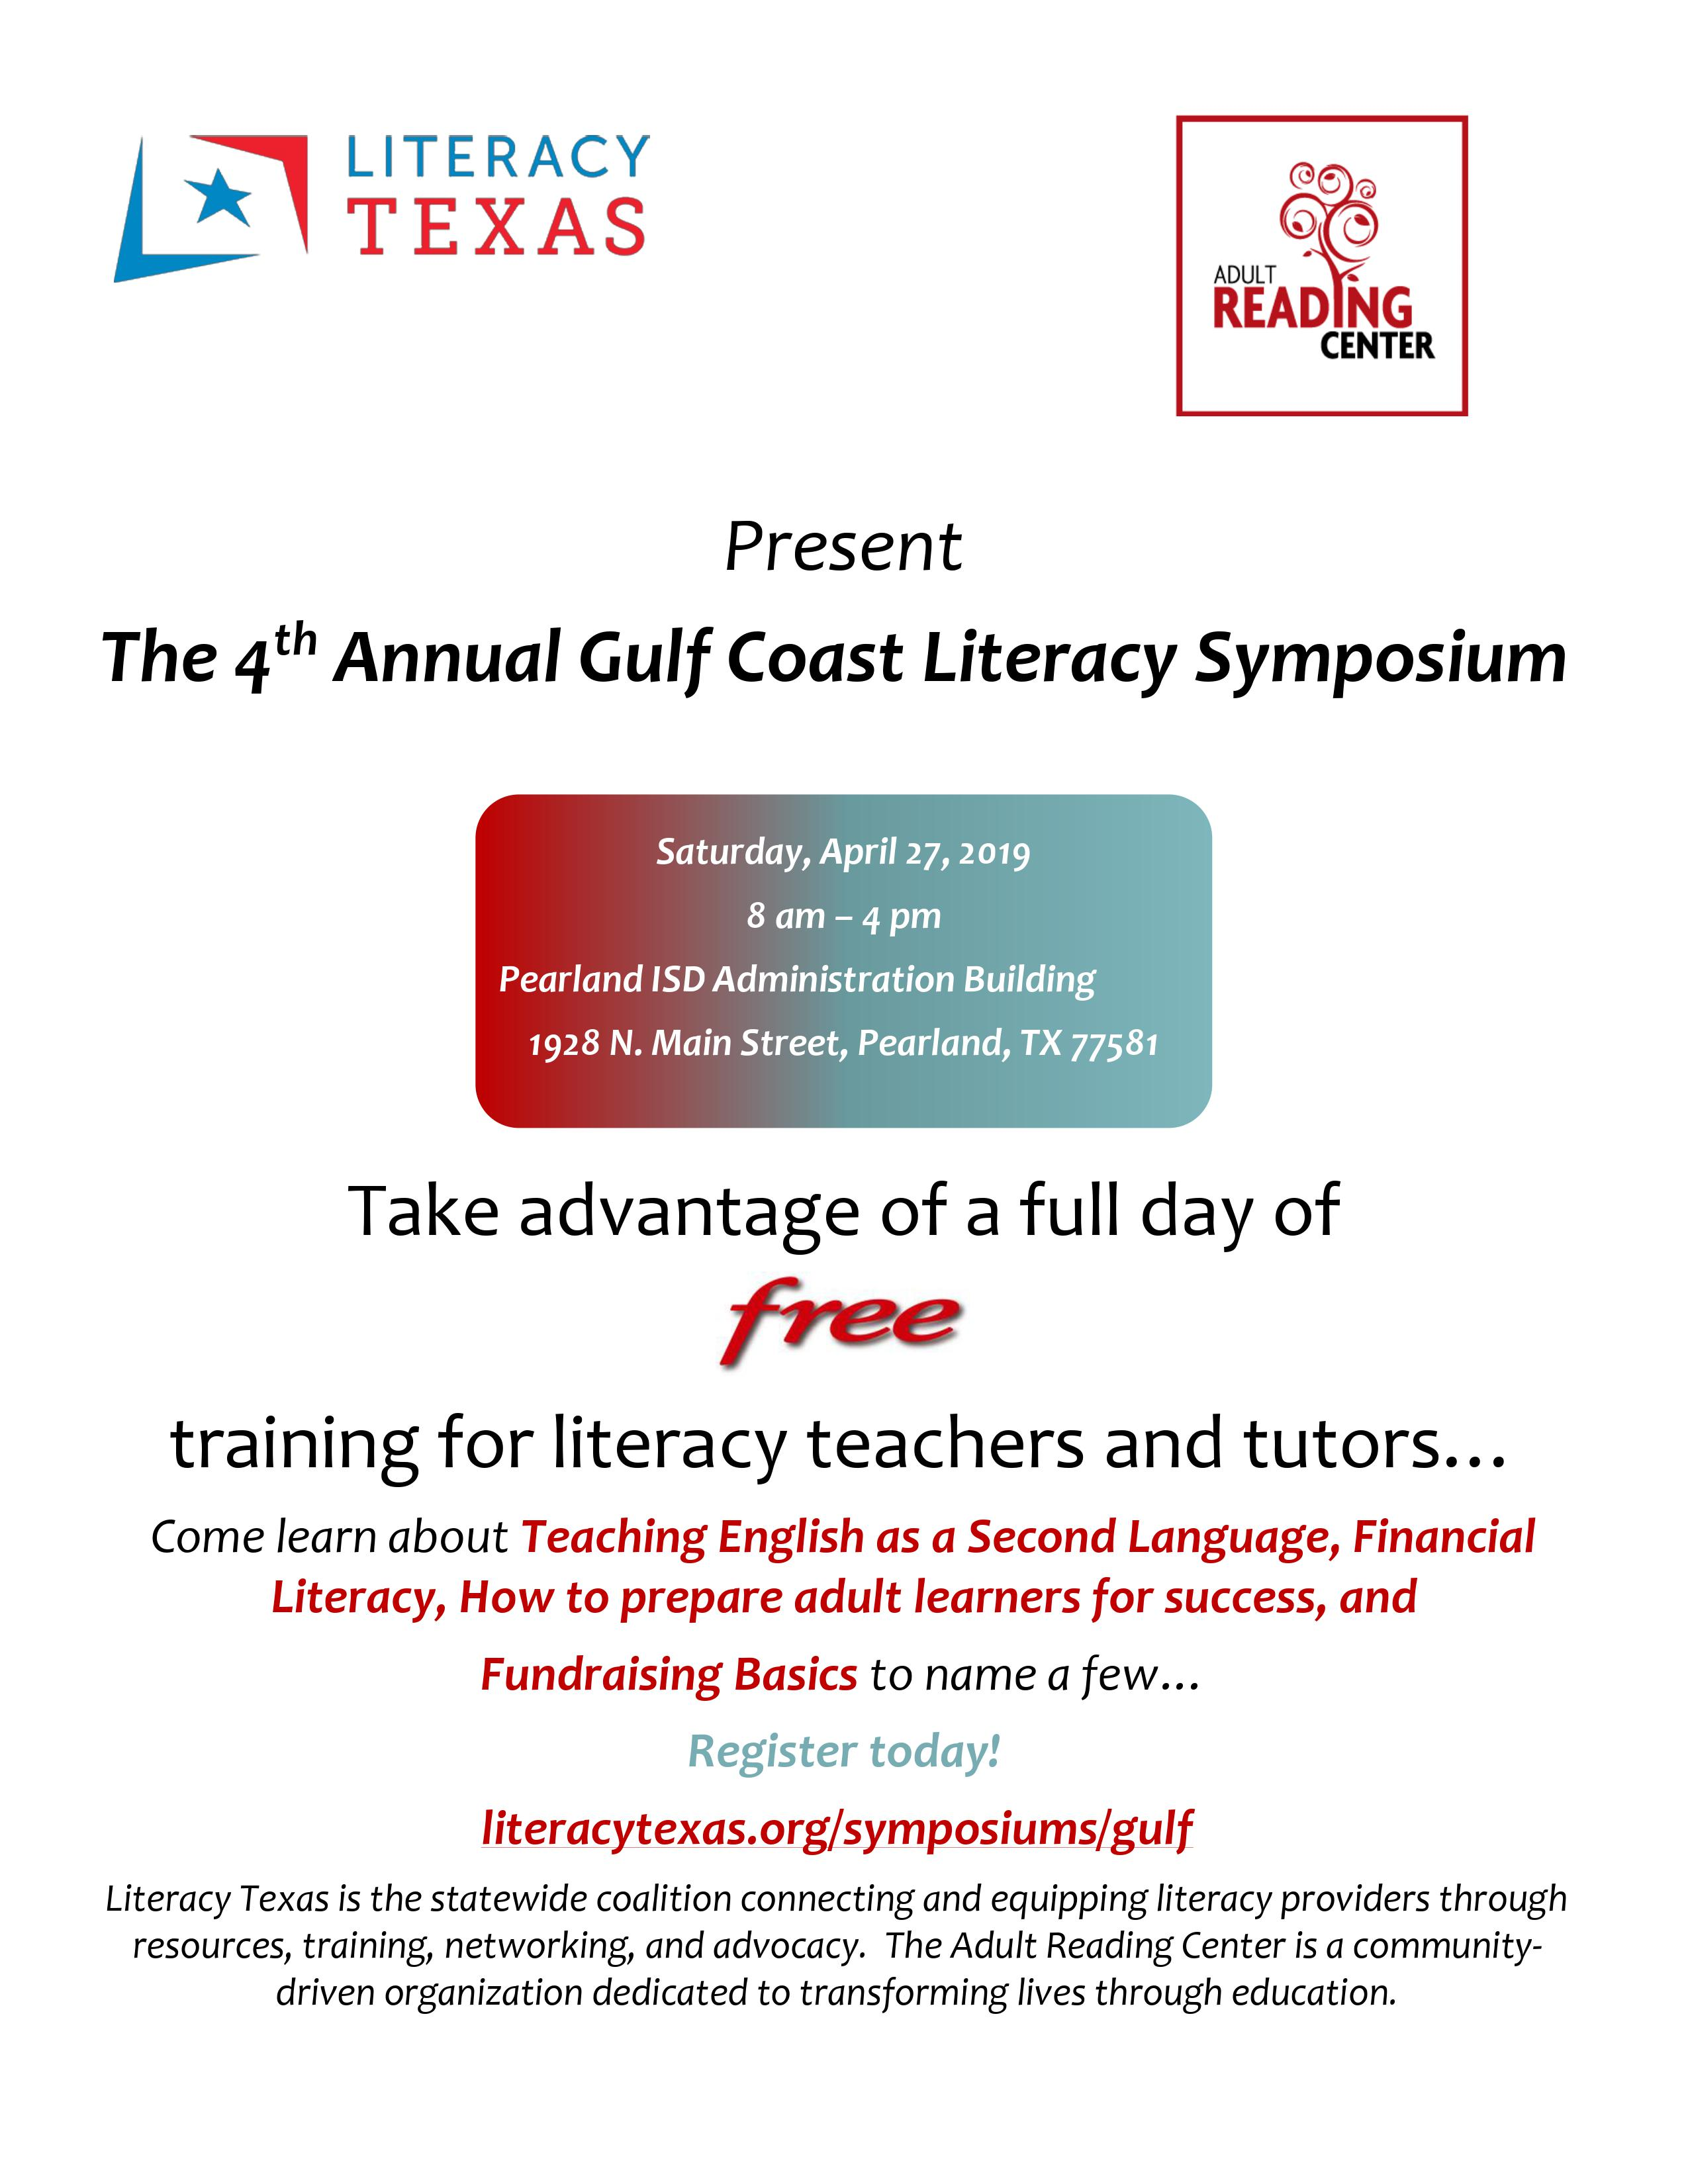 4th Annual Gulf Coast Literacy Symposium